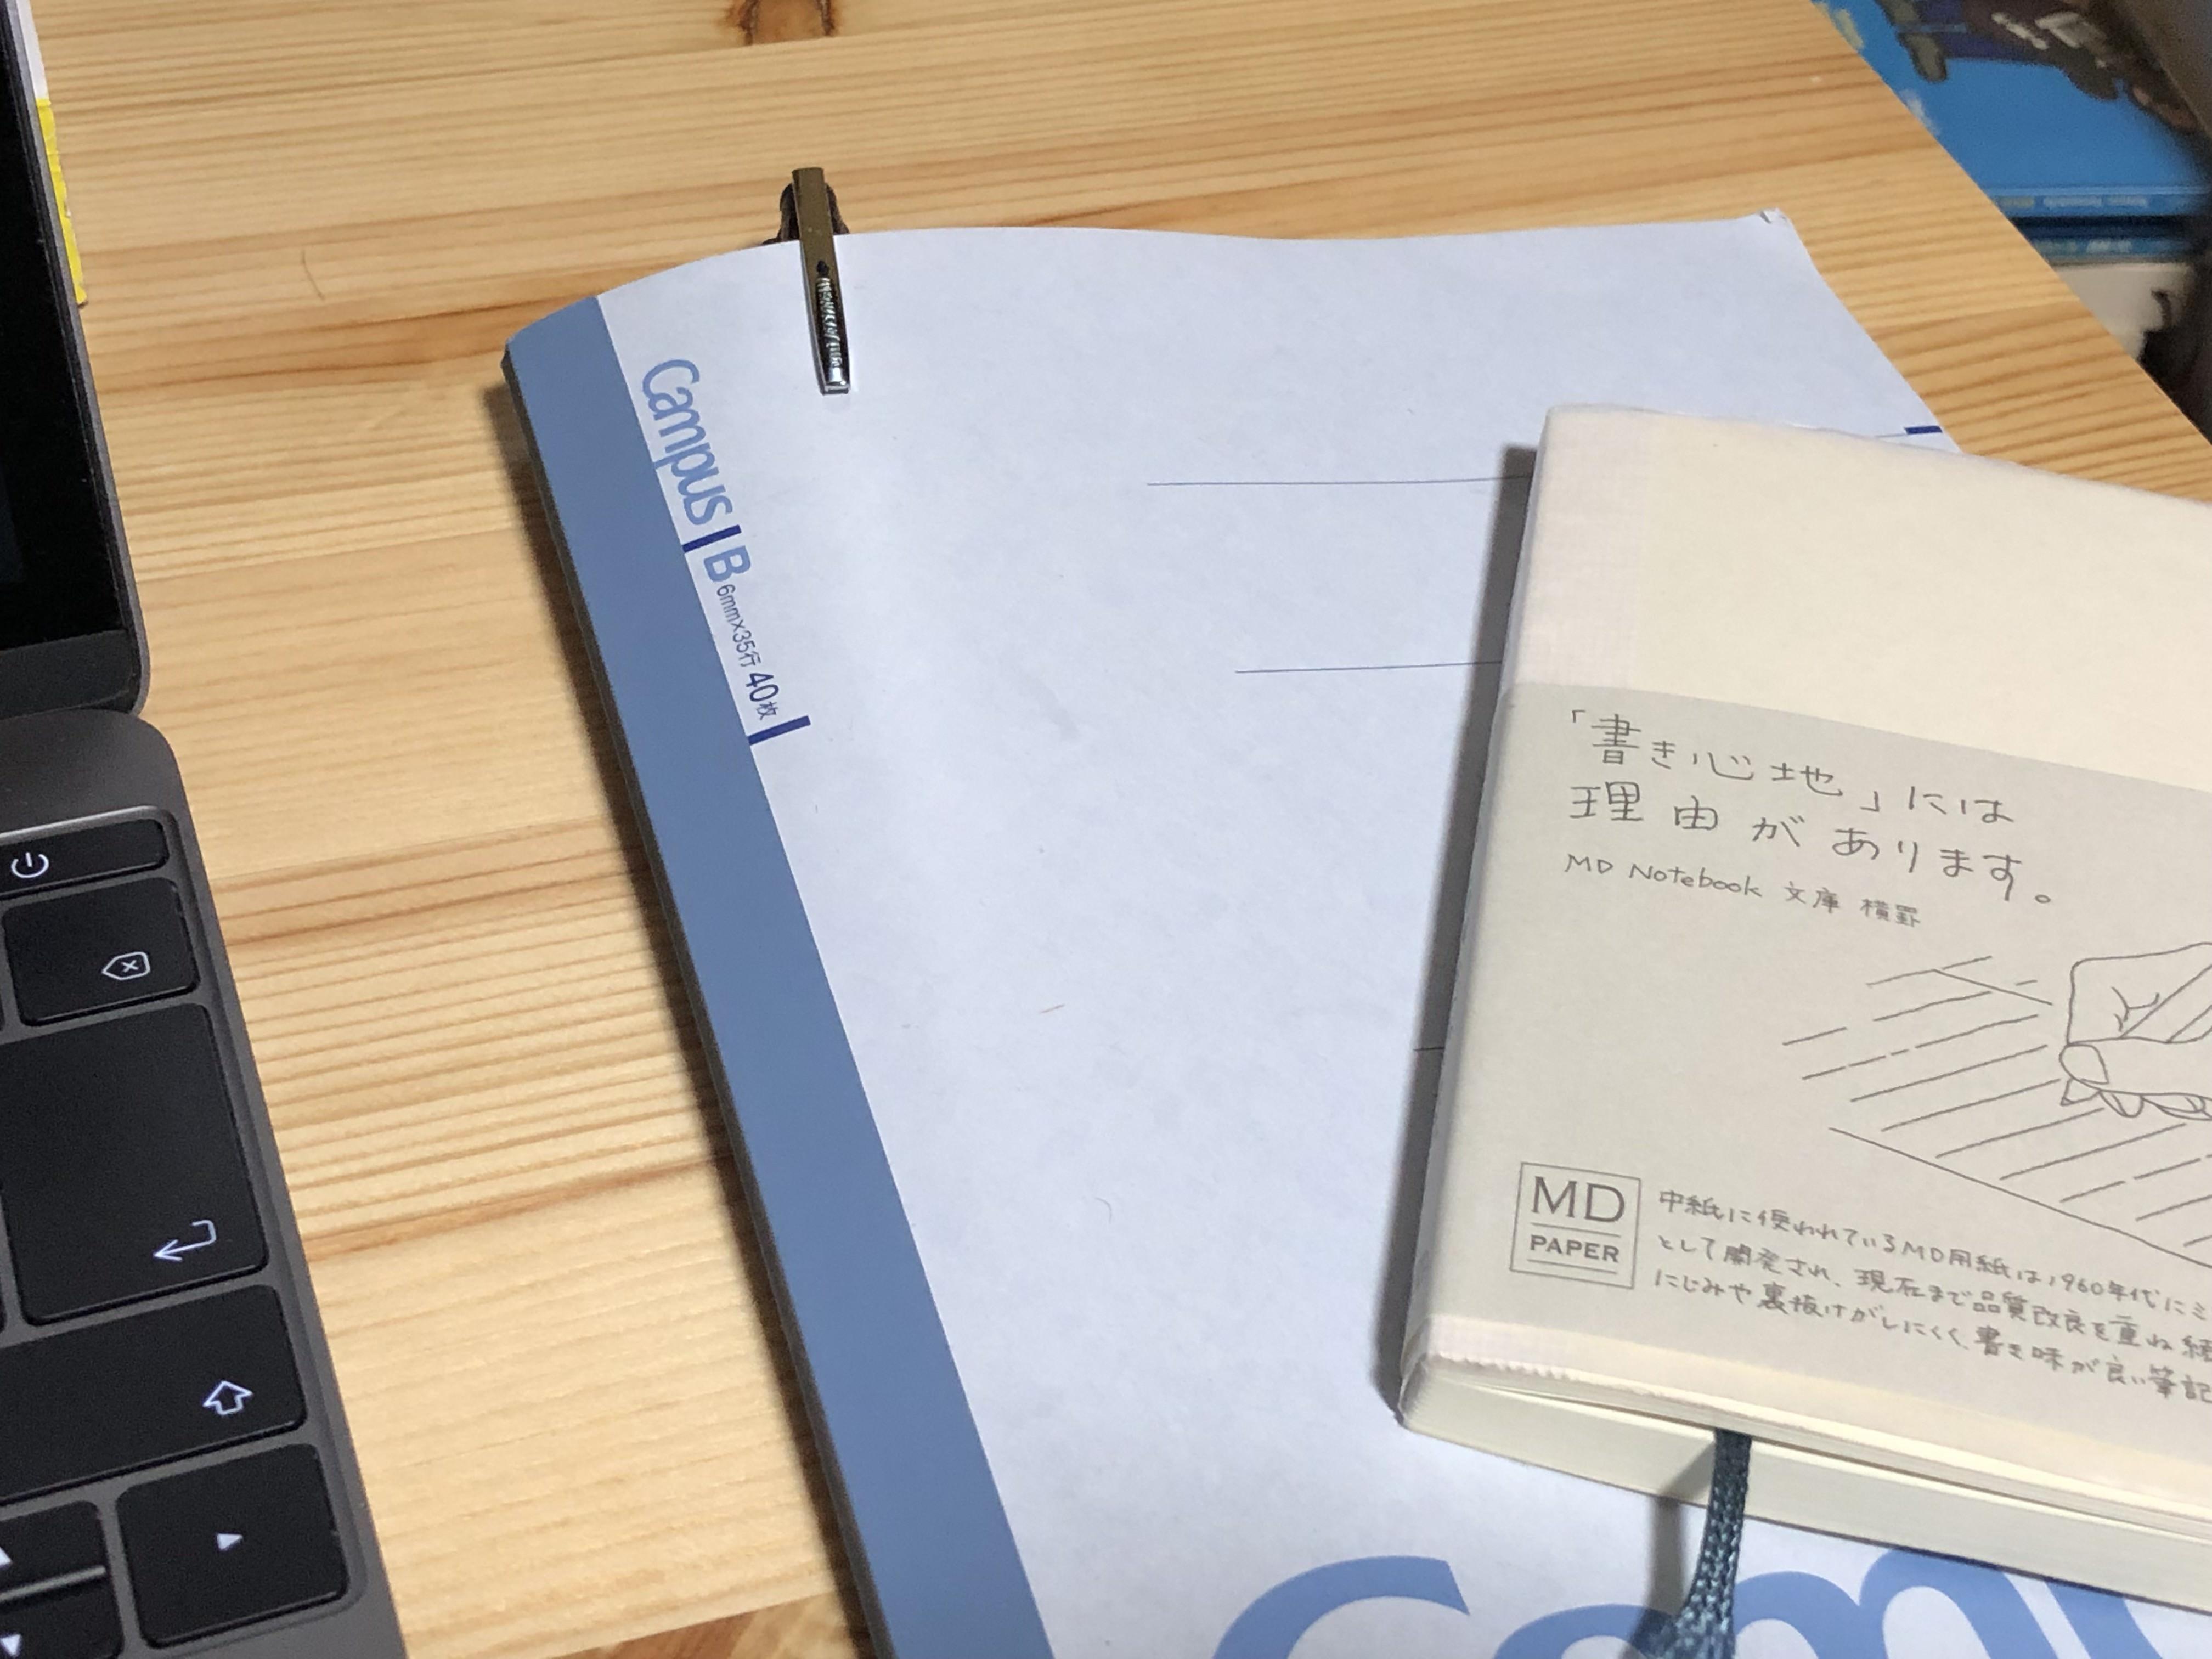 紙のノート